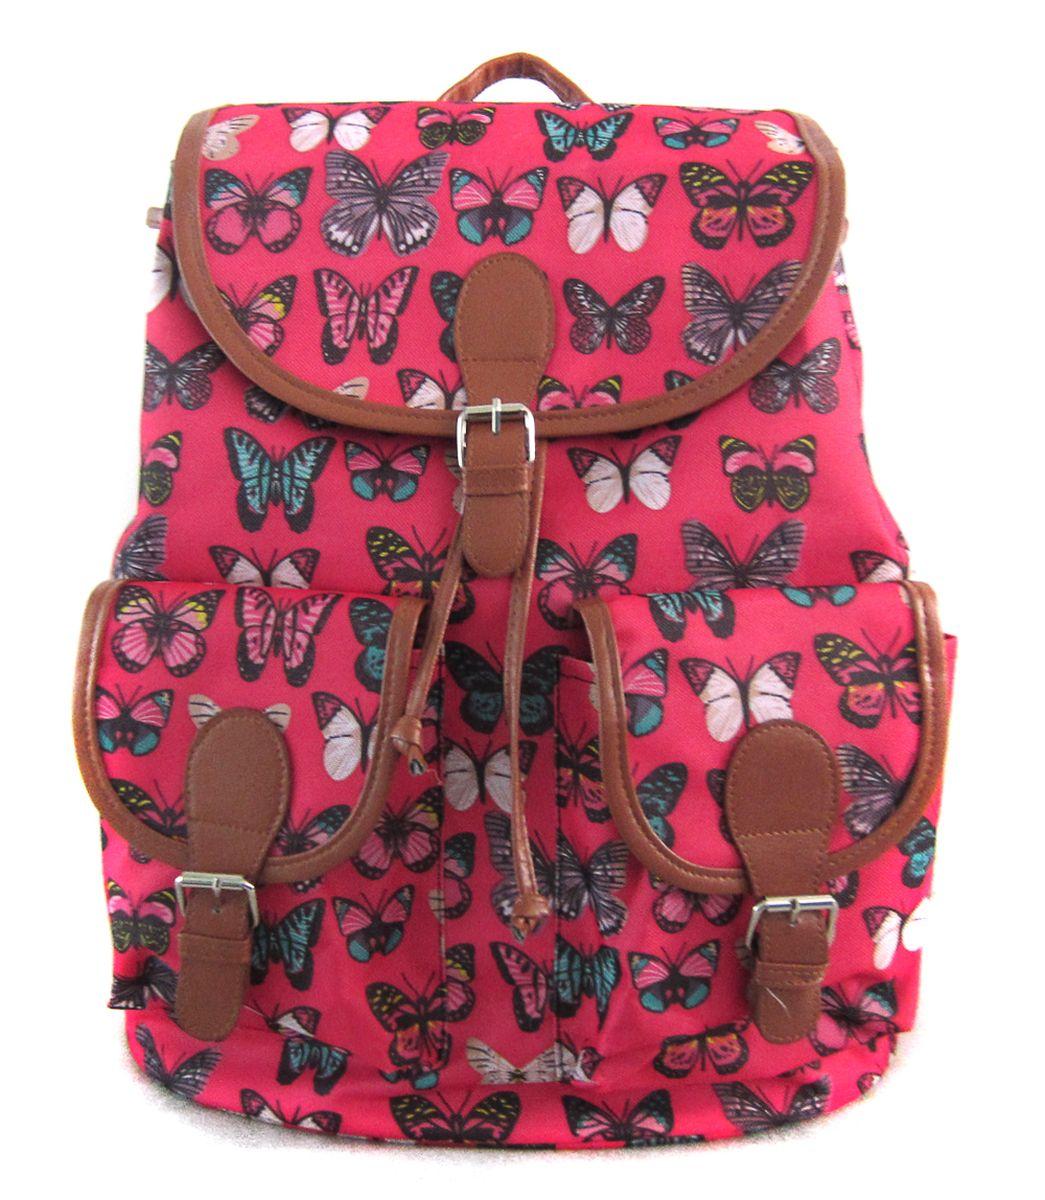 Рюкзак молодежный Creative Махаоны, цвет: розовый, 23 лGL-BC866Рюкзак молодежный Creative Махаоны - лаконичная и очень удобная модель, в которую поместится все: школьные принадлежности и завтрак, спортивная форма, любимые игрушки, ноутбук. Подвесная система позволяет регулировать лямки и тем самым адаптировать изделие под рост владельца. Мягкие лямки обеспечат комфорт даже при длительном ношении рюкзака. Внутреннее пространство рюкзака вместит всё необходимое. Благодаря текстильной ручке рюкзак можно повесить. Выполнен рюкзак из влагостойкой ткани. Рюкзак закрывается на клапан, впереди - два кармана с клапанами.Этот рюкзак - точно выделит своего владельца из толпы и привлечет к нему множество заинтересованных взглядов.